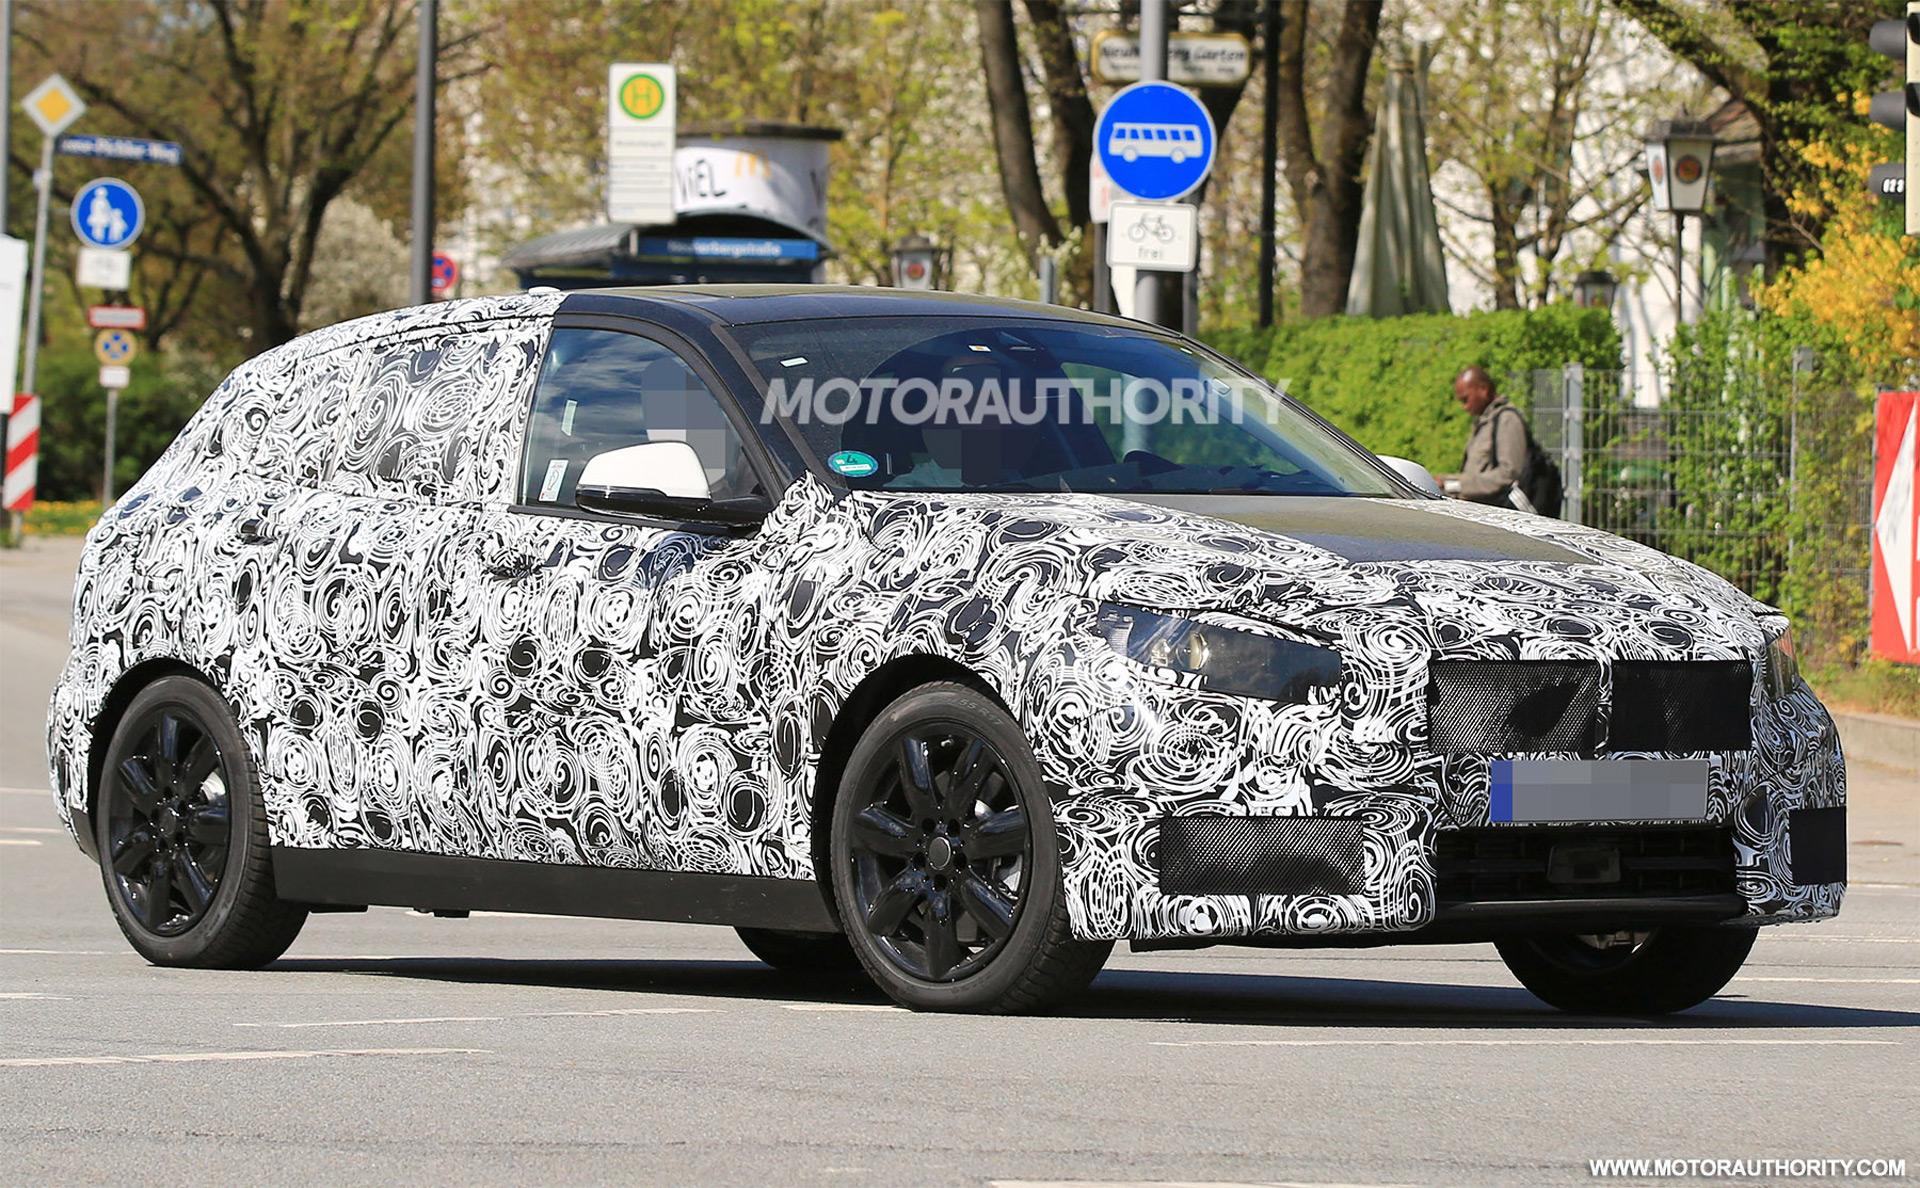 BMW Series Hatchback Spy Shots Autozaurus - Bmw 1 series hatchback